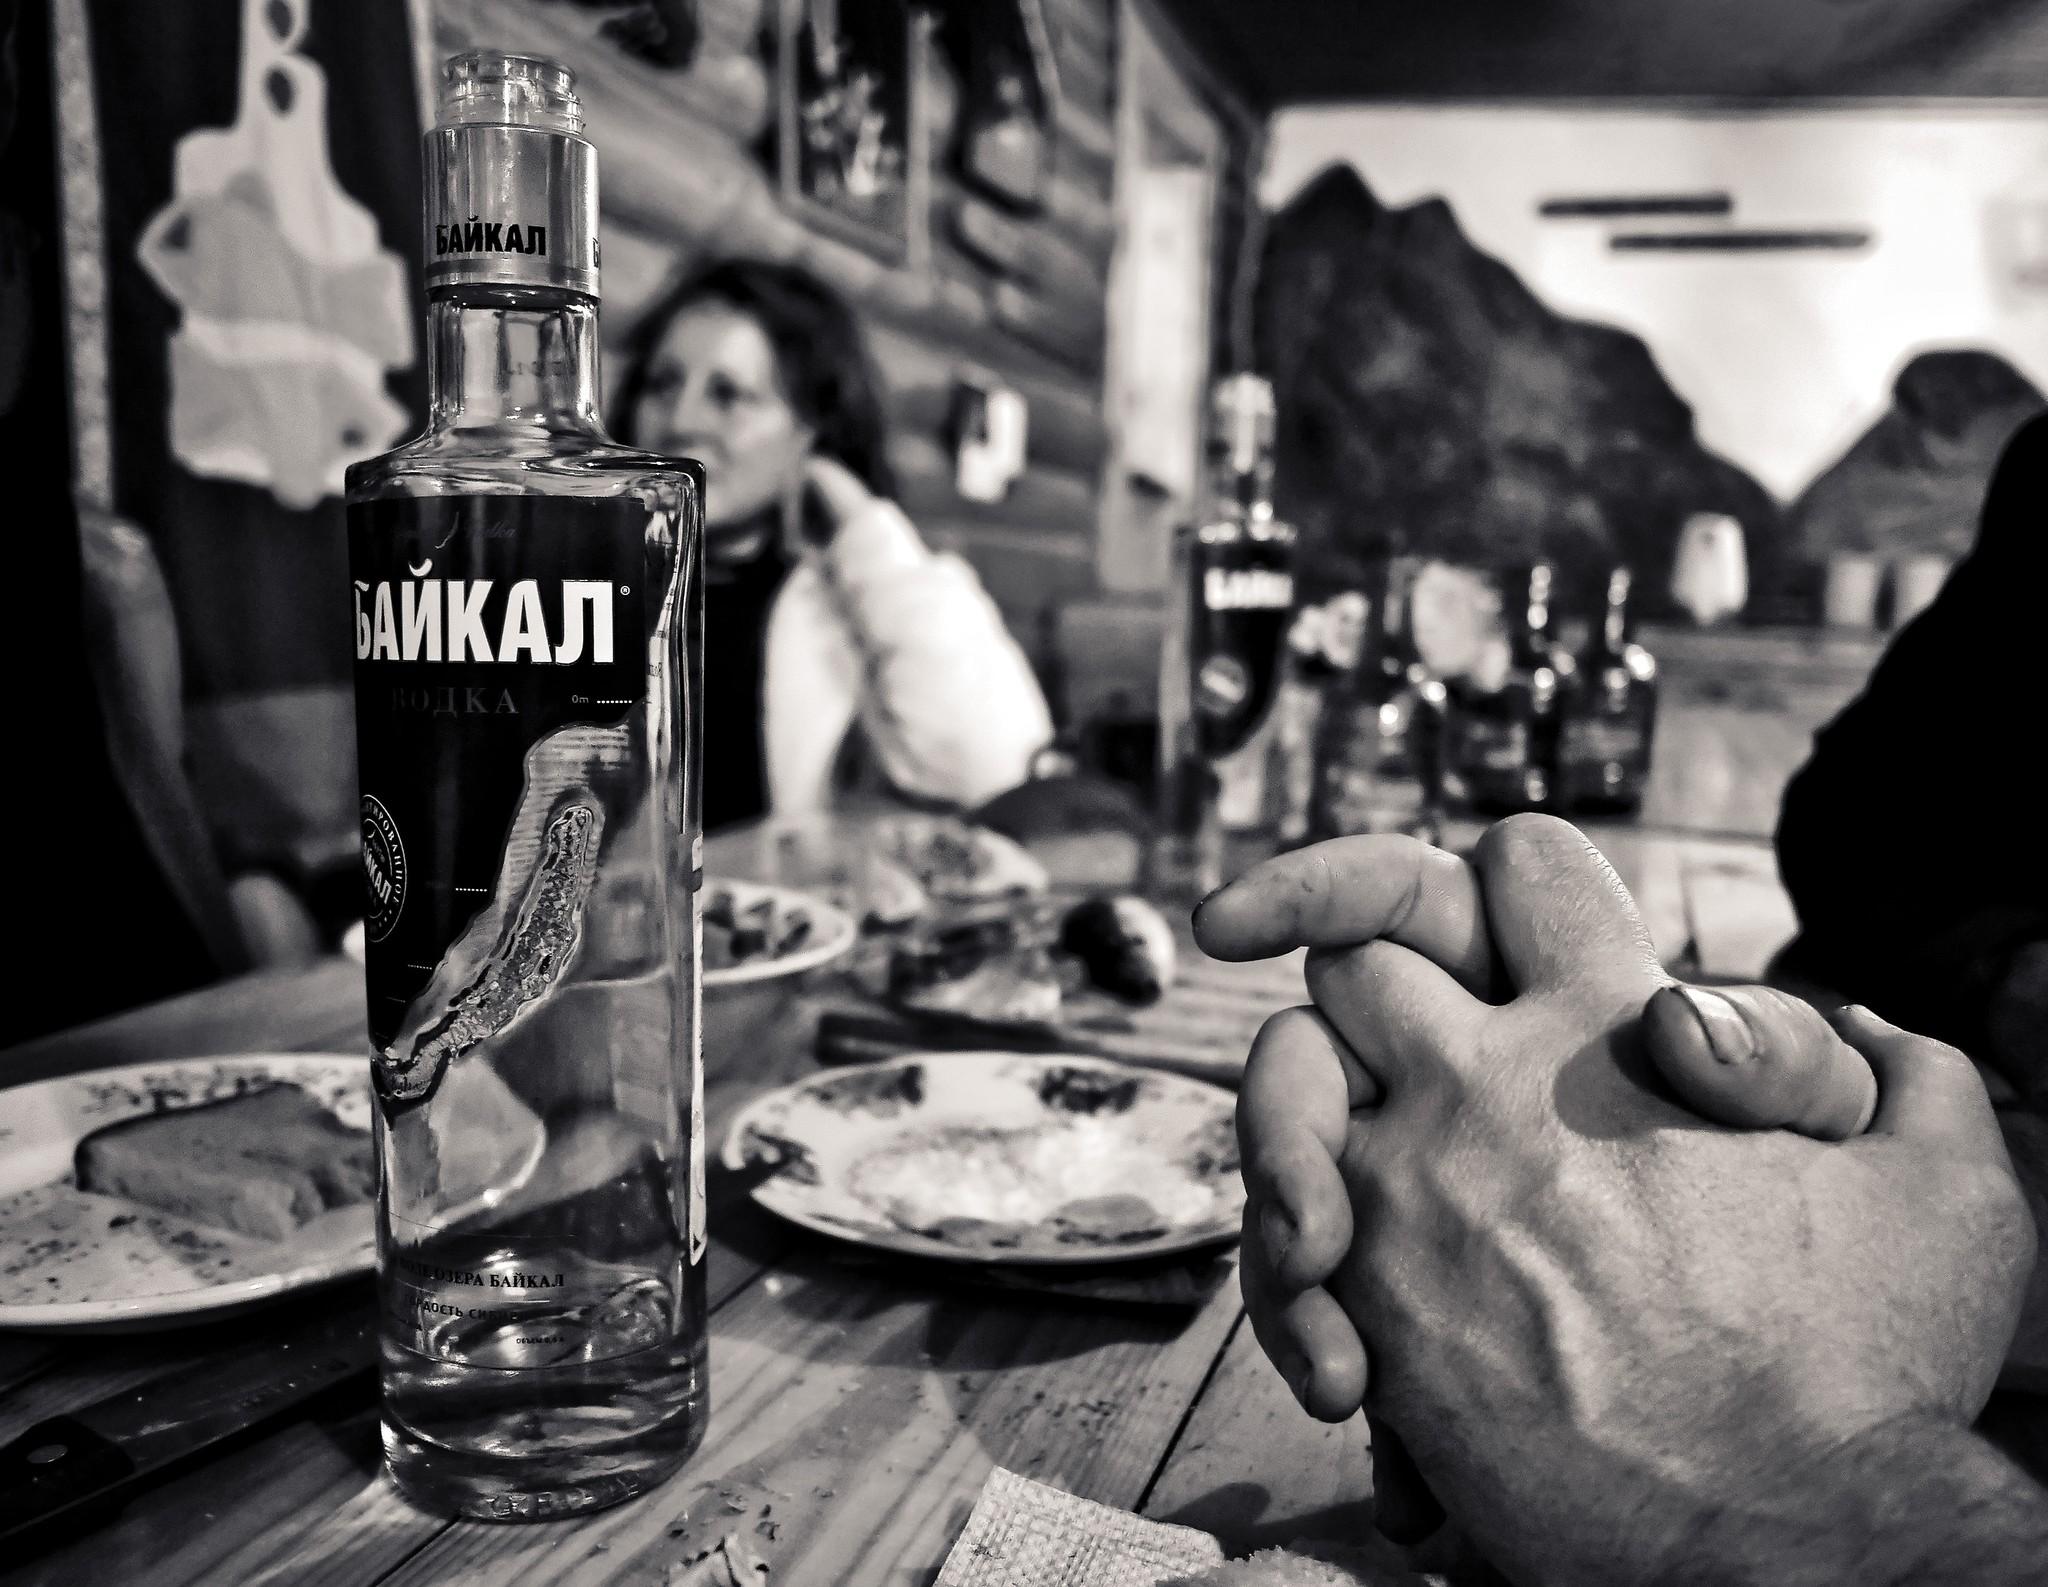 Wat is de geschiedenis van Vodka? Wij vertellen het je